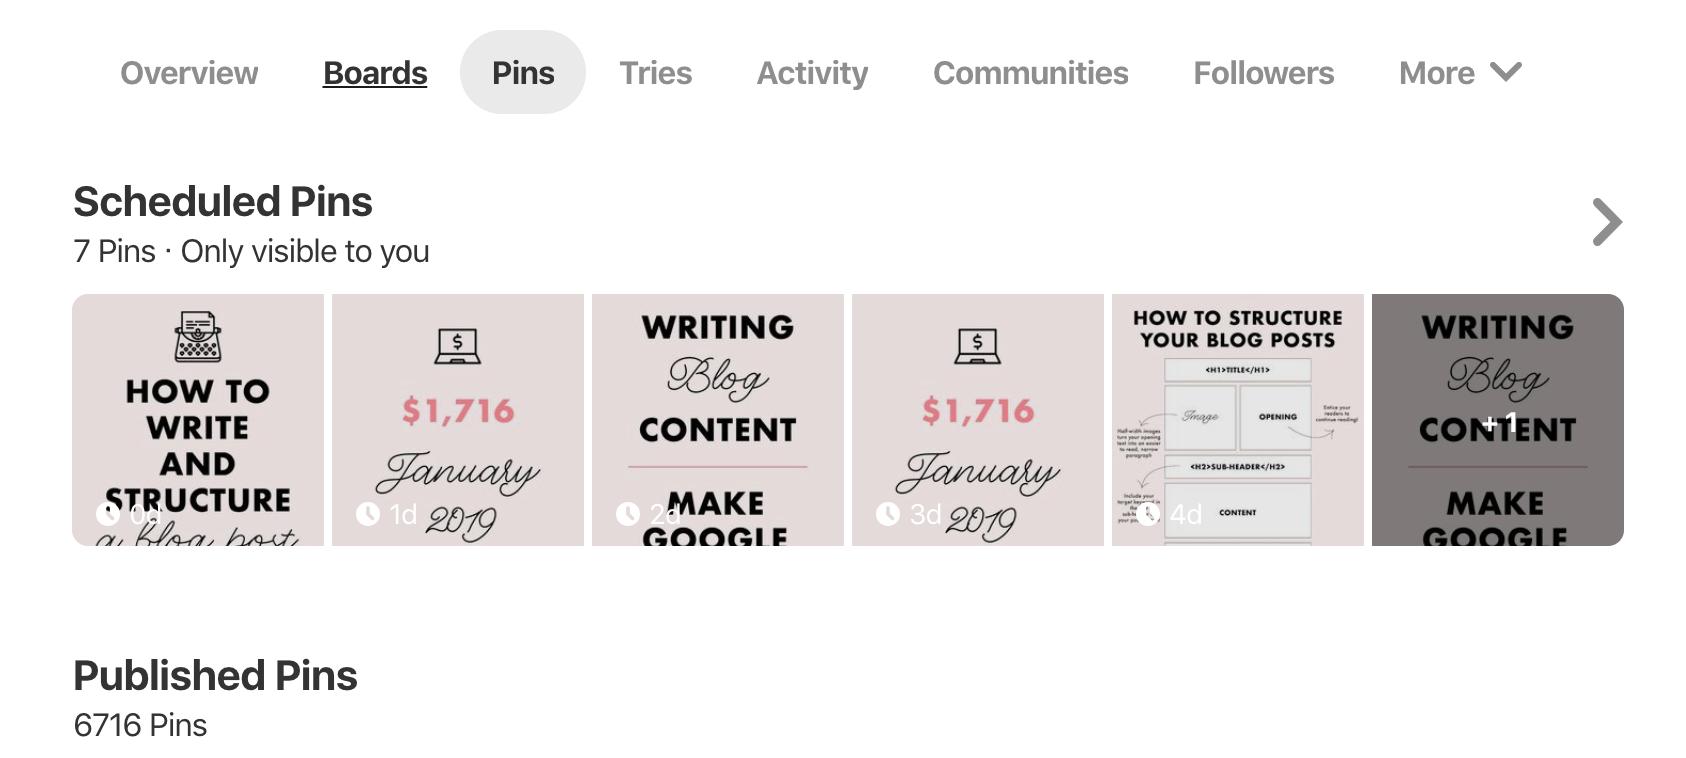 Pinterest Scheduler to Post Pins